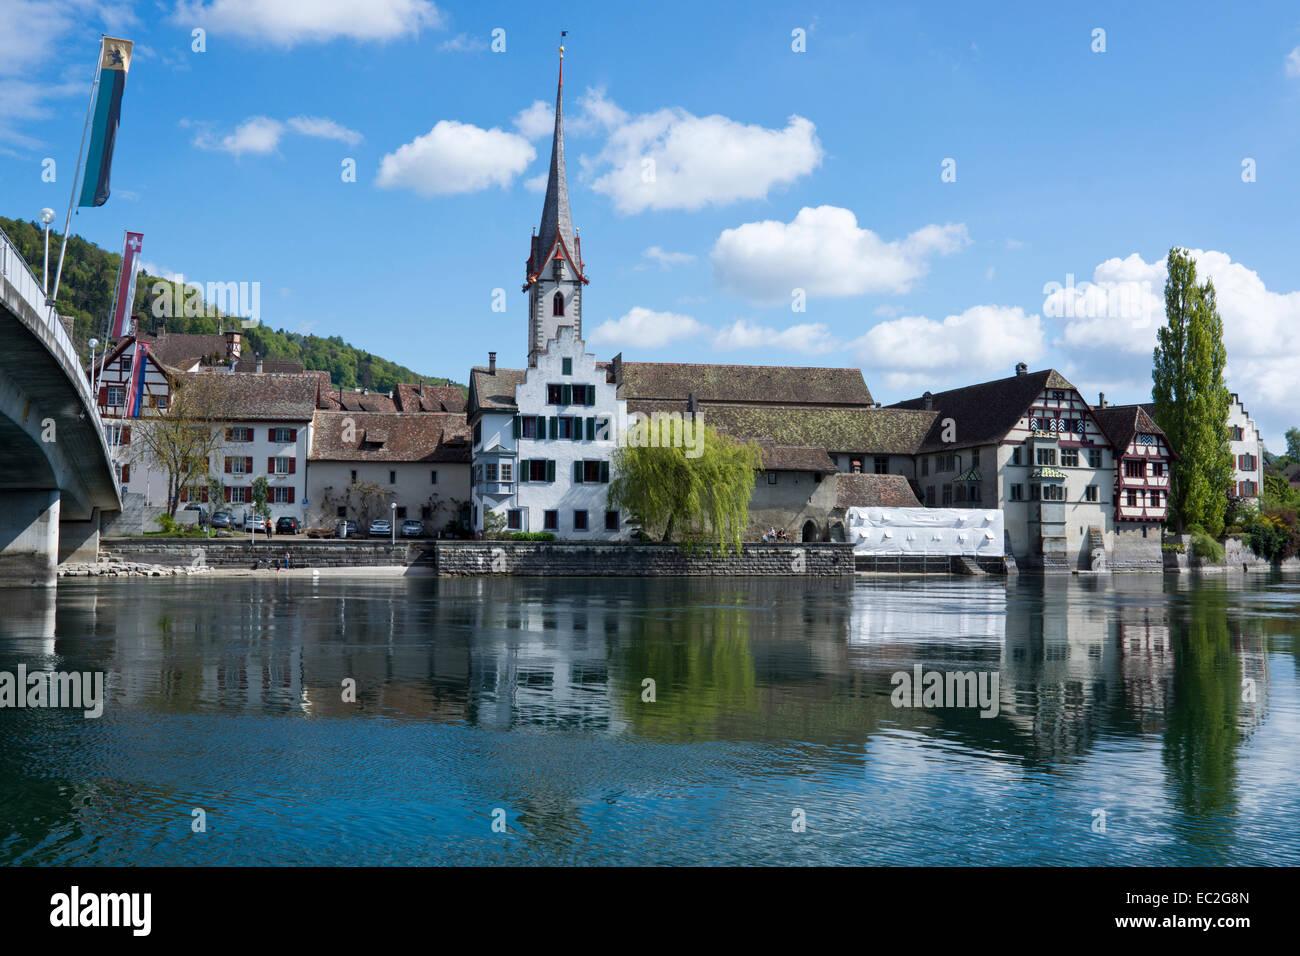 Stein am Rhein, High Rhine, Canton of Schaffhausen, Switzerland, Europe Stock Photo